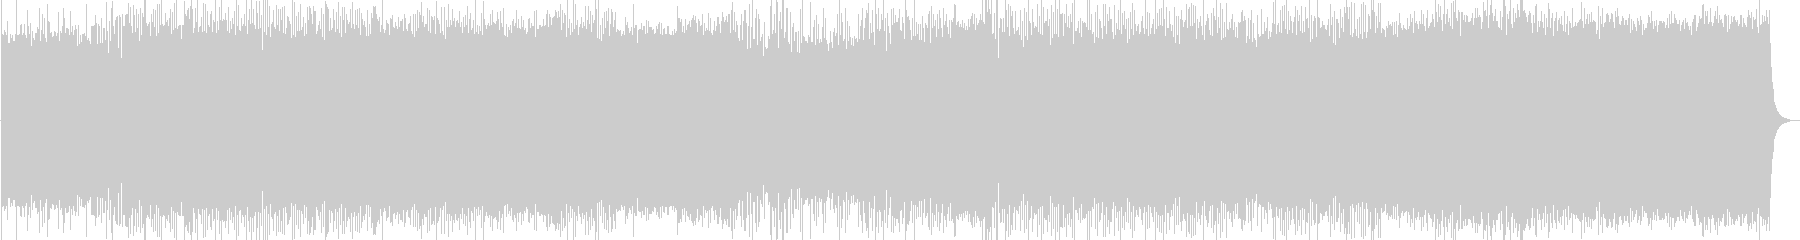 ポストロックのインストゥルメンタルの未再生の波形